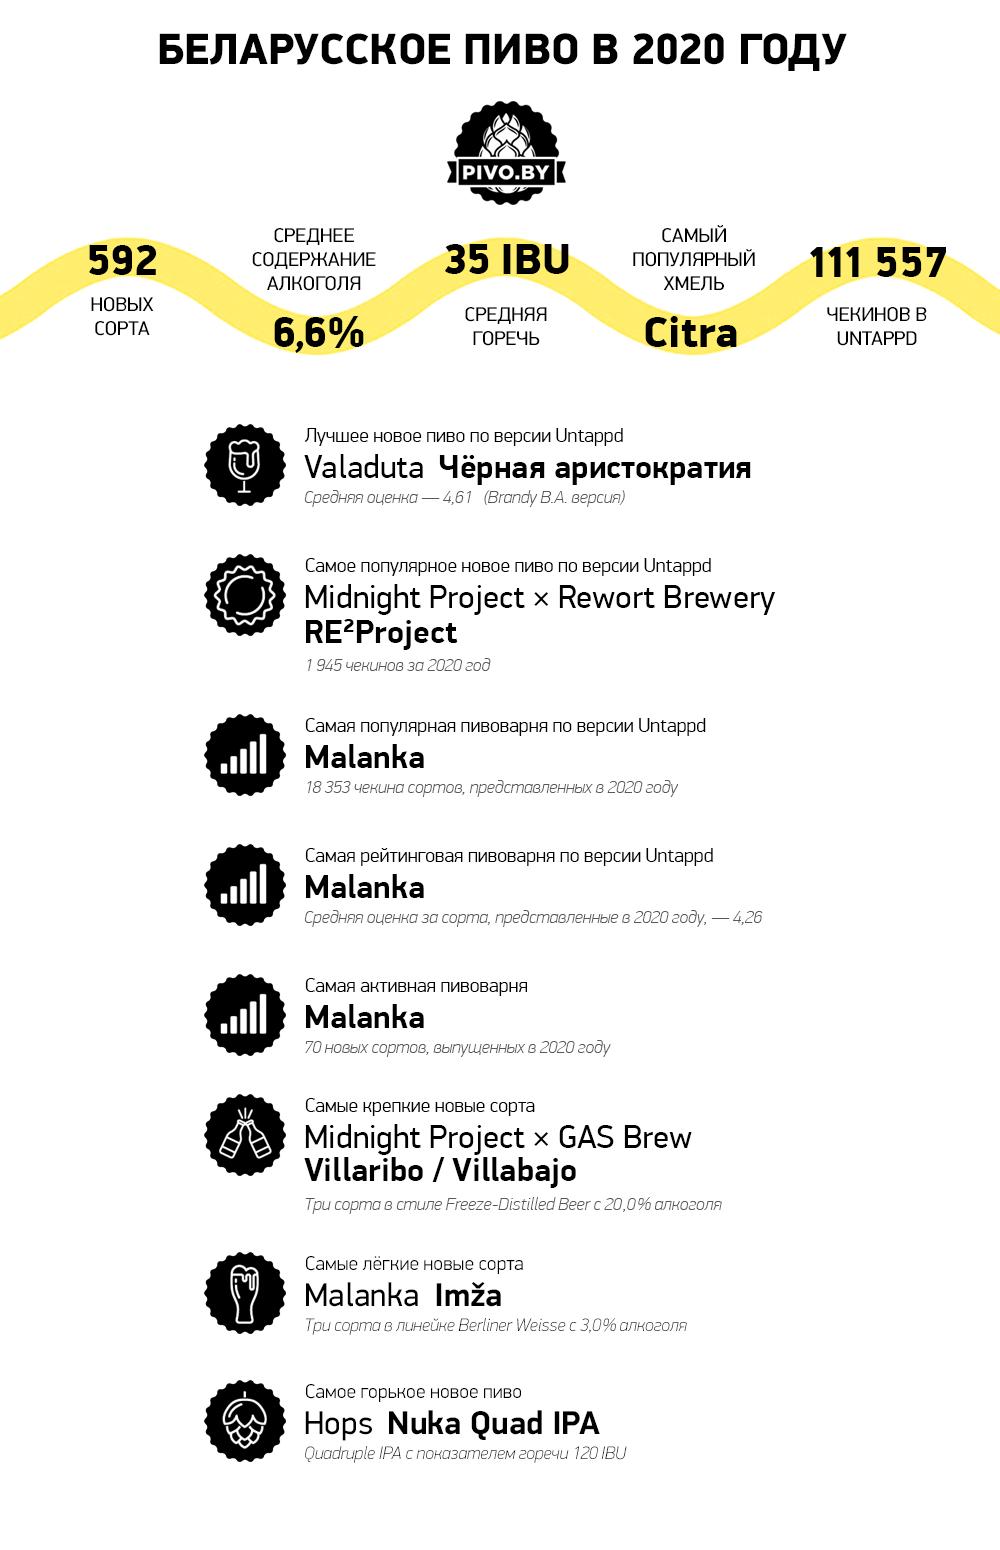 Пивной рынок Беларуси в 2020 году – итоги Pivo.by